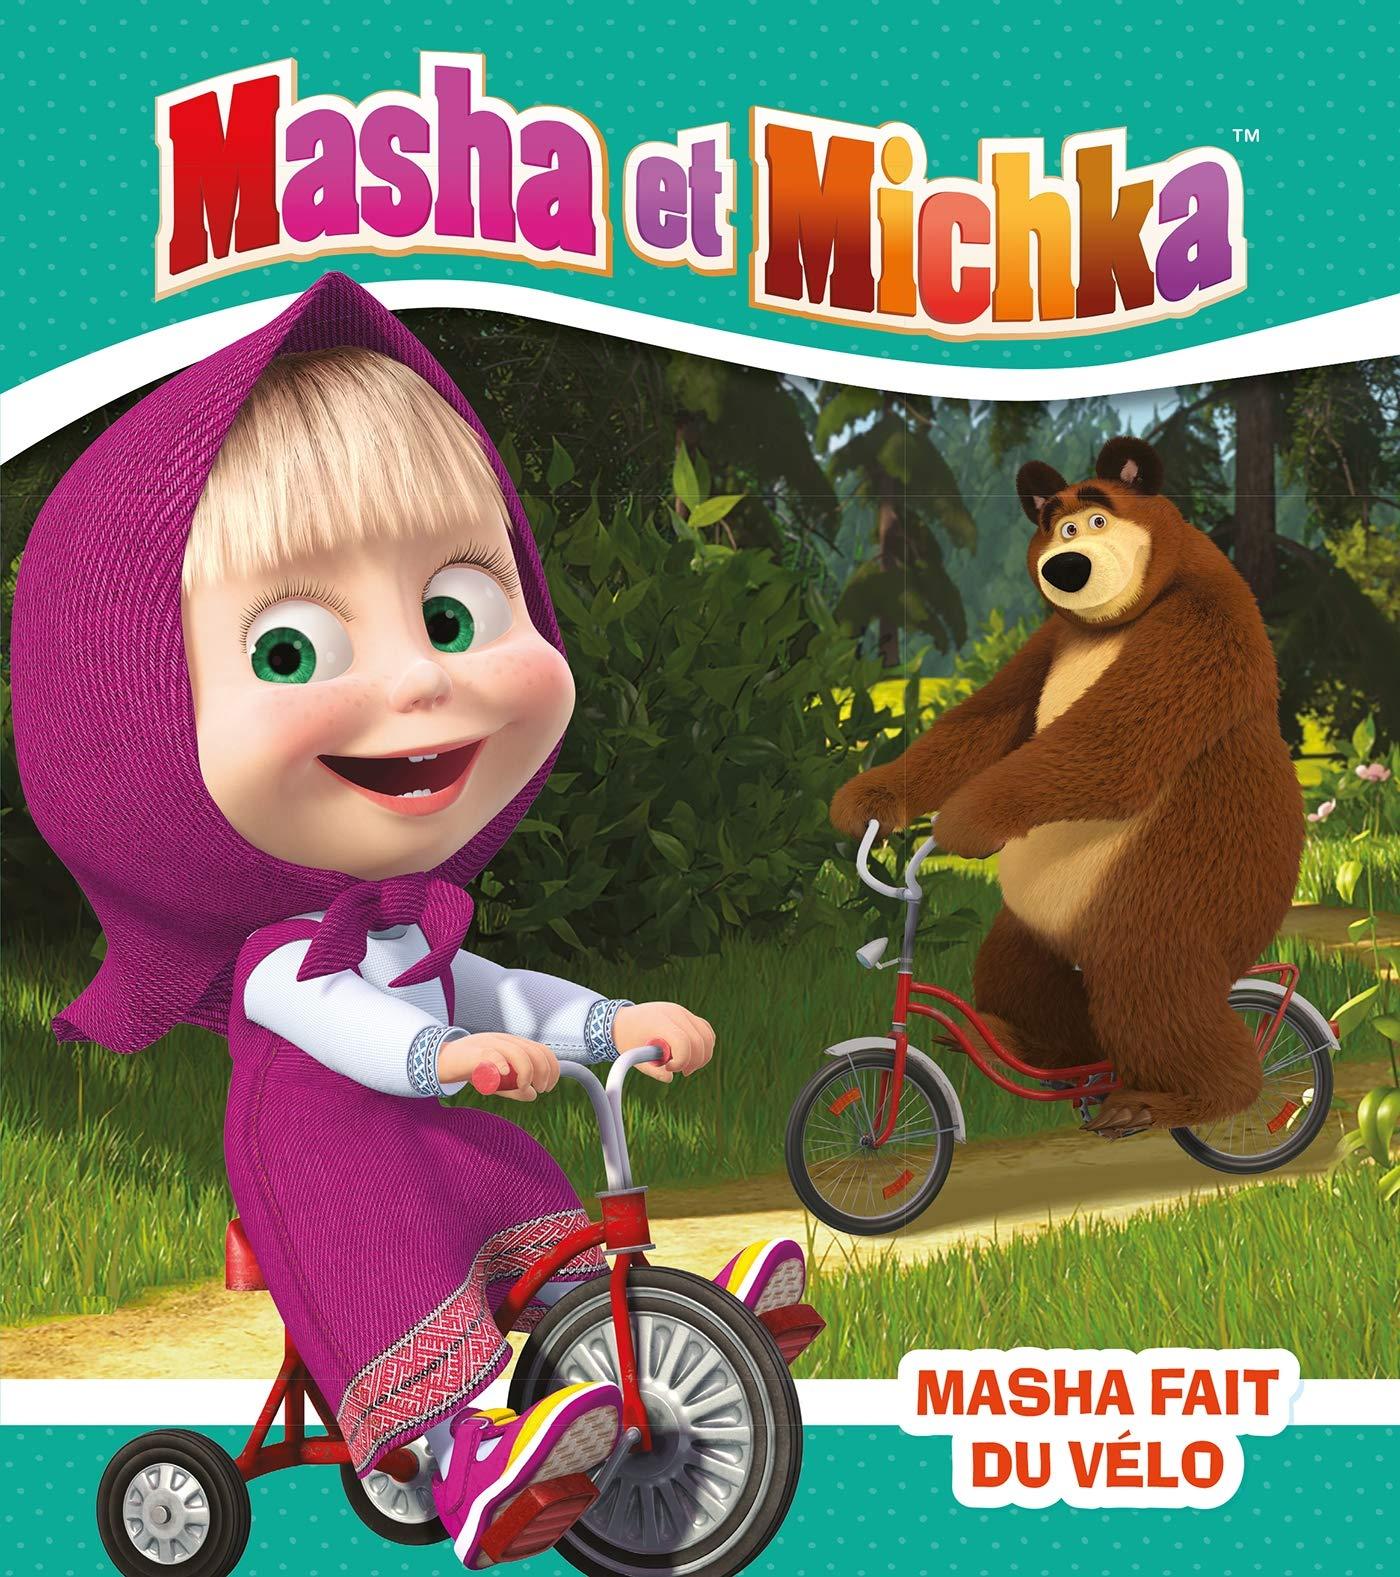 Masha et Michka - Masha fait du vélo: Amazon.fr: Godeau, Natacha: Livres